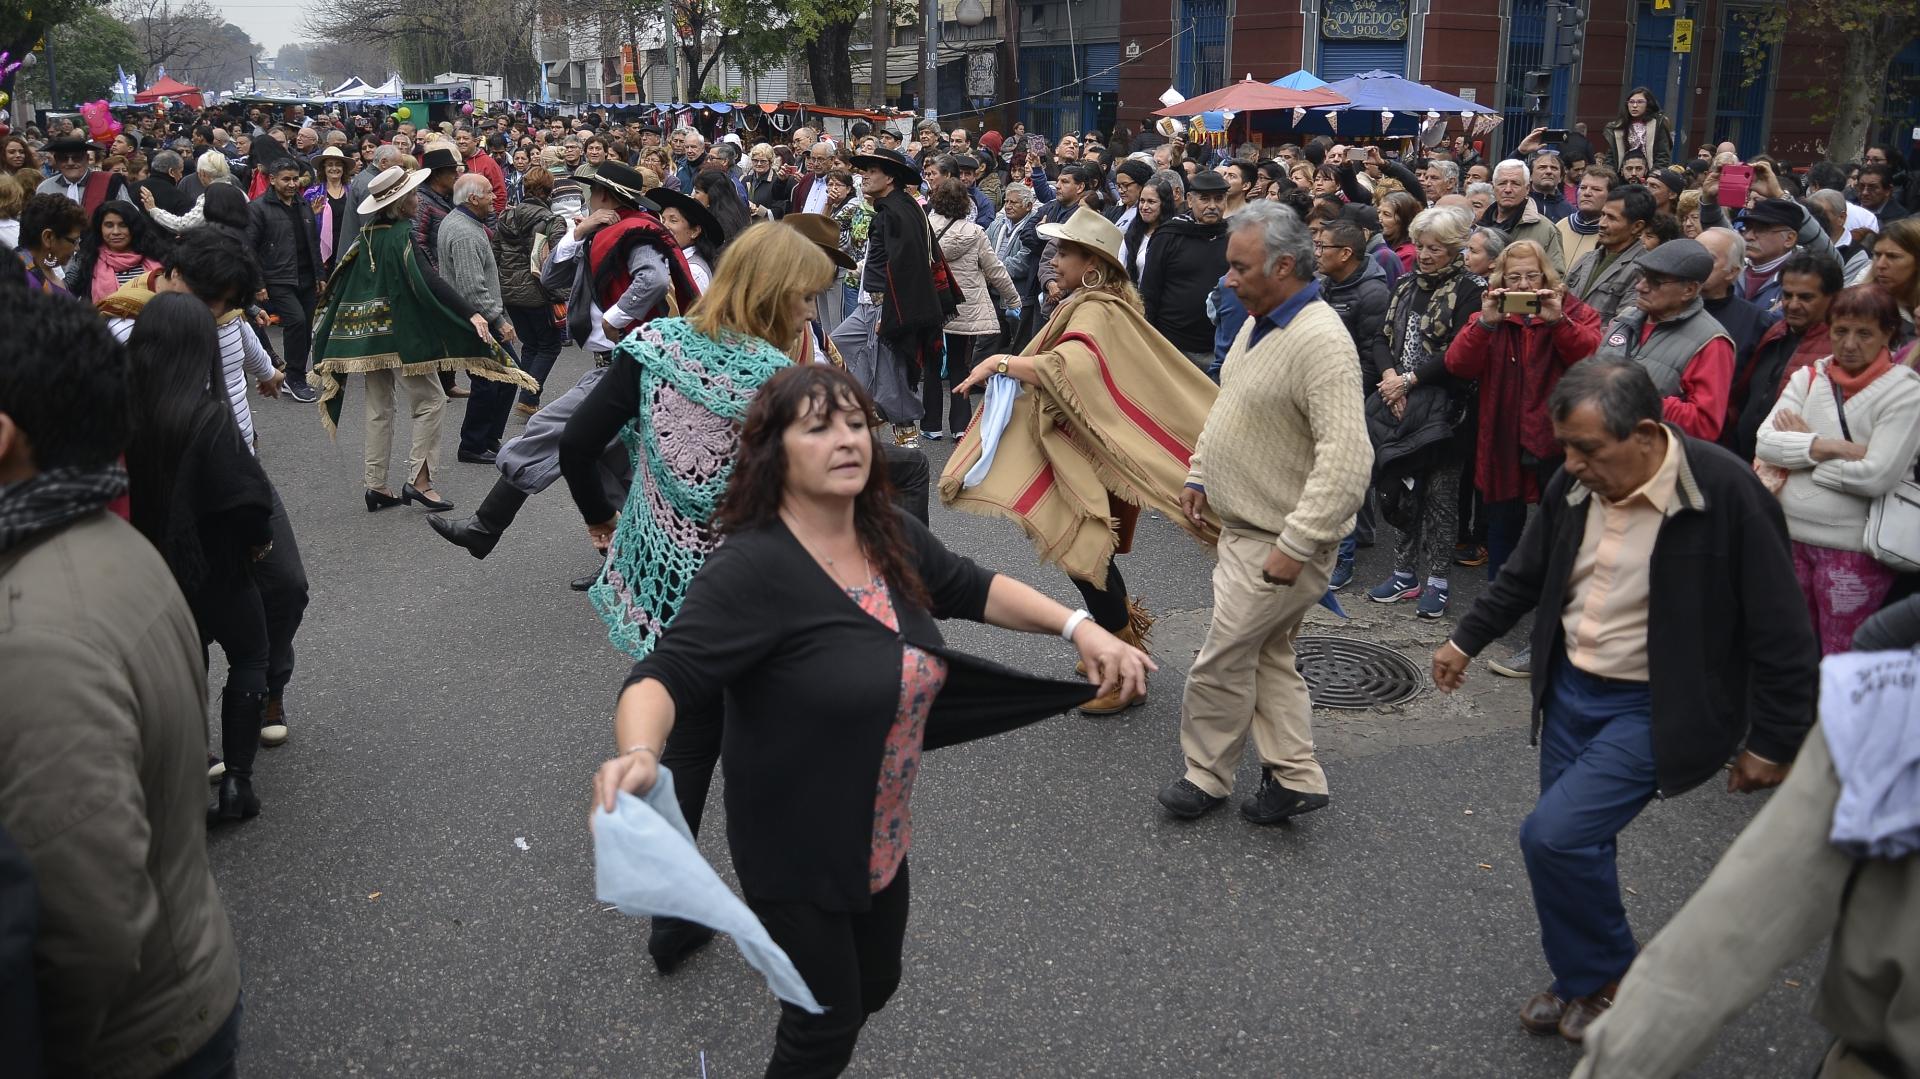 Muchos de los visitantes bailaron en la calle diferentes danzas tradicionales